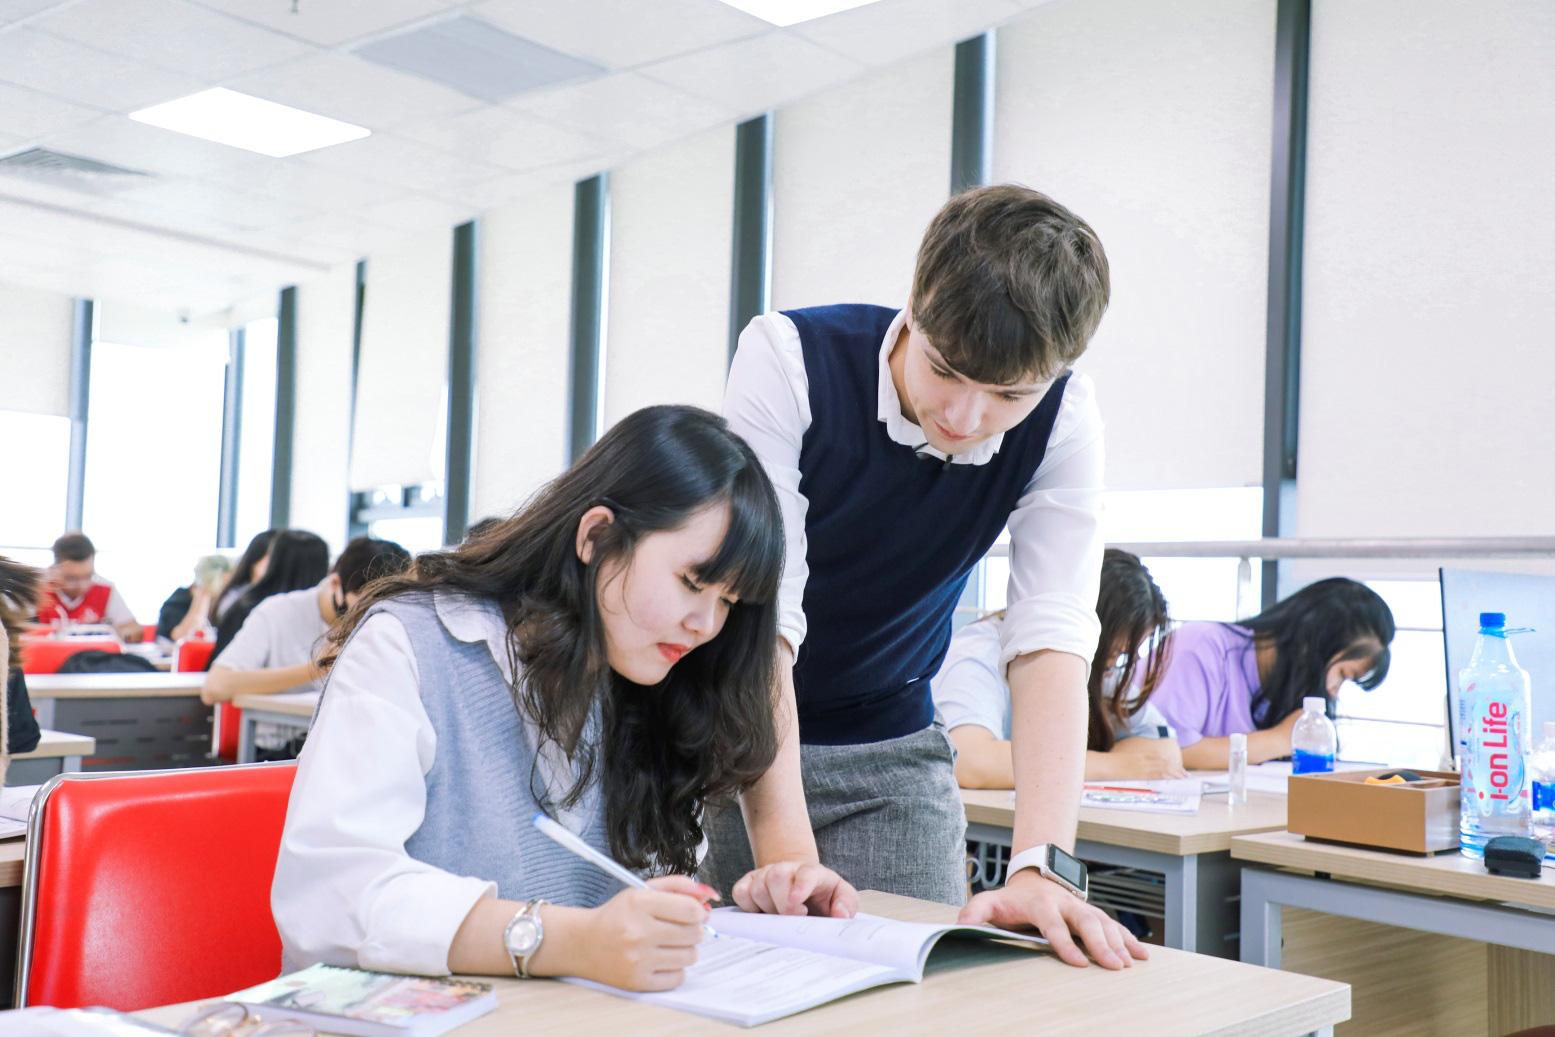 Ngành Quan hệ công chúng: Ngành học năng động, sinh viên phải năng động! - Ảnh 3.